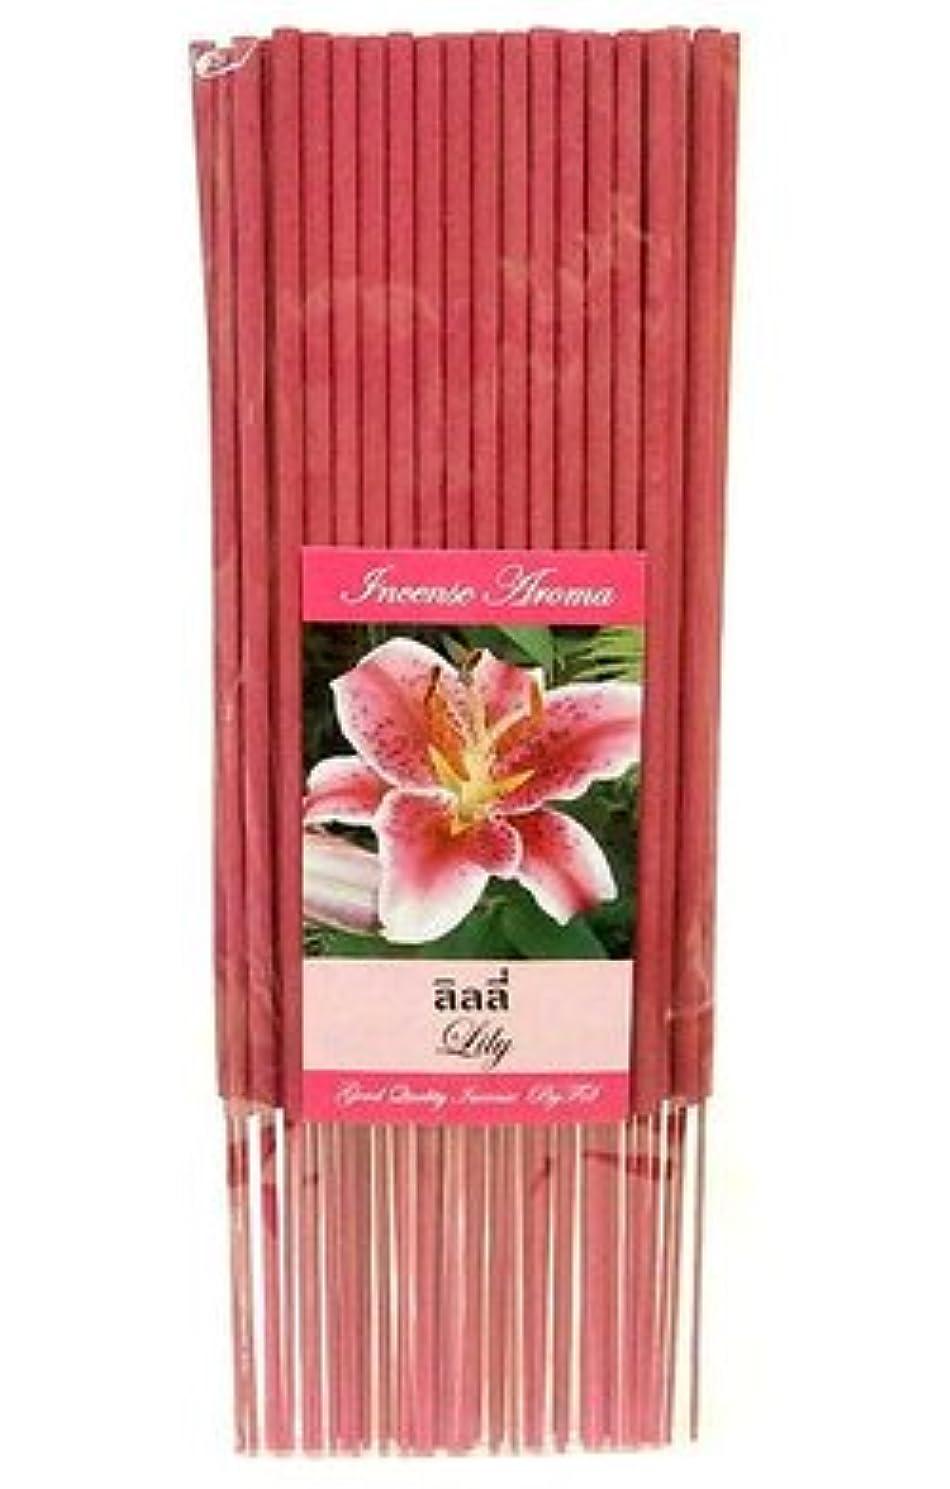 農学大通り敵意タイのお香 スティックタイプ [LILY/リリー] インセンスアロマ 約50本入りアジアン雑貨